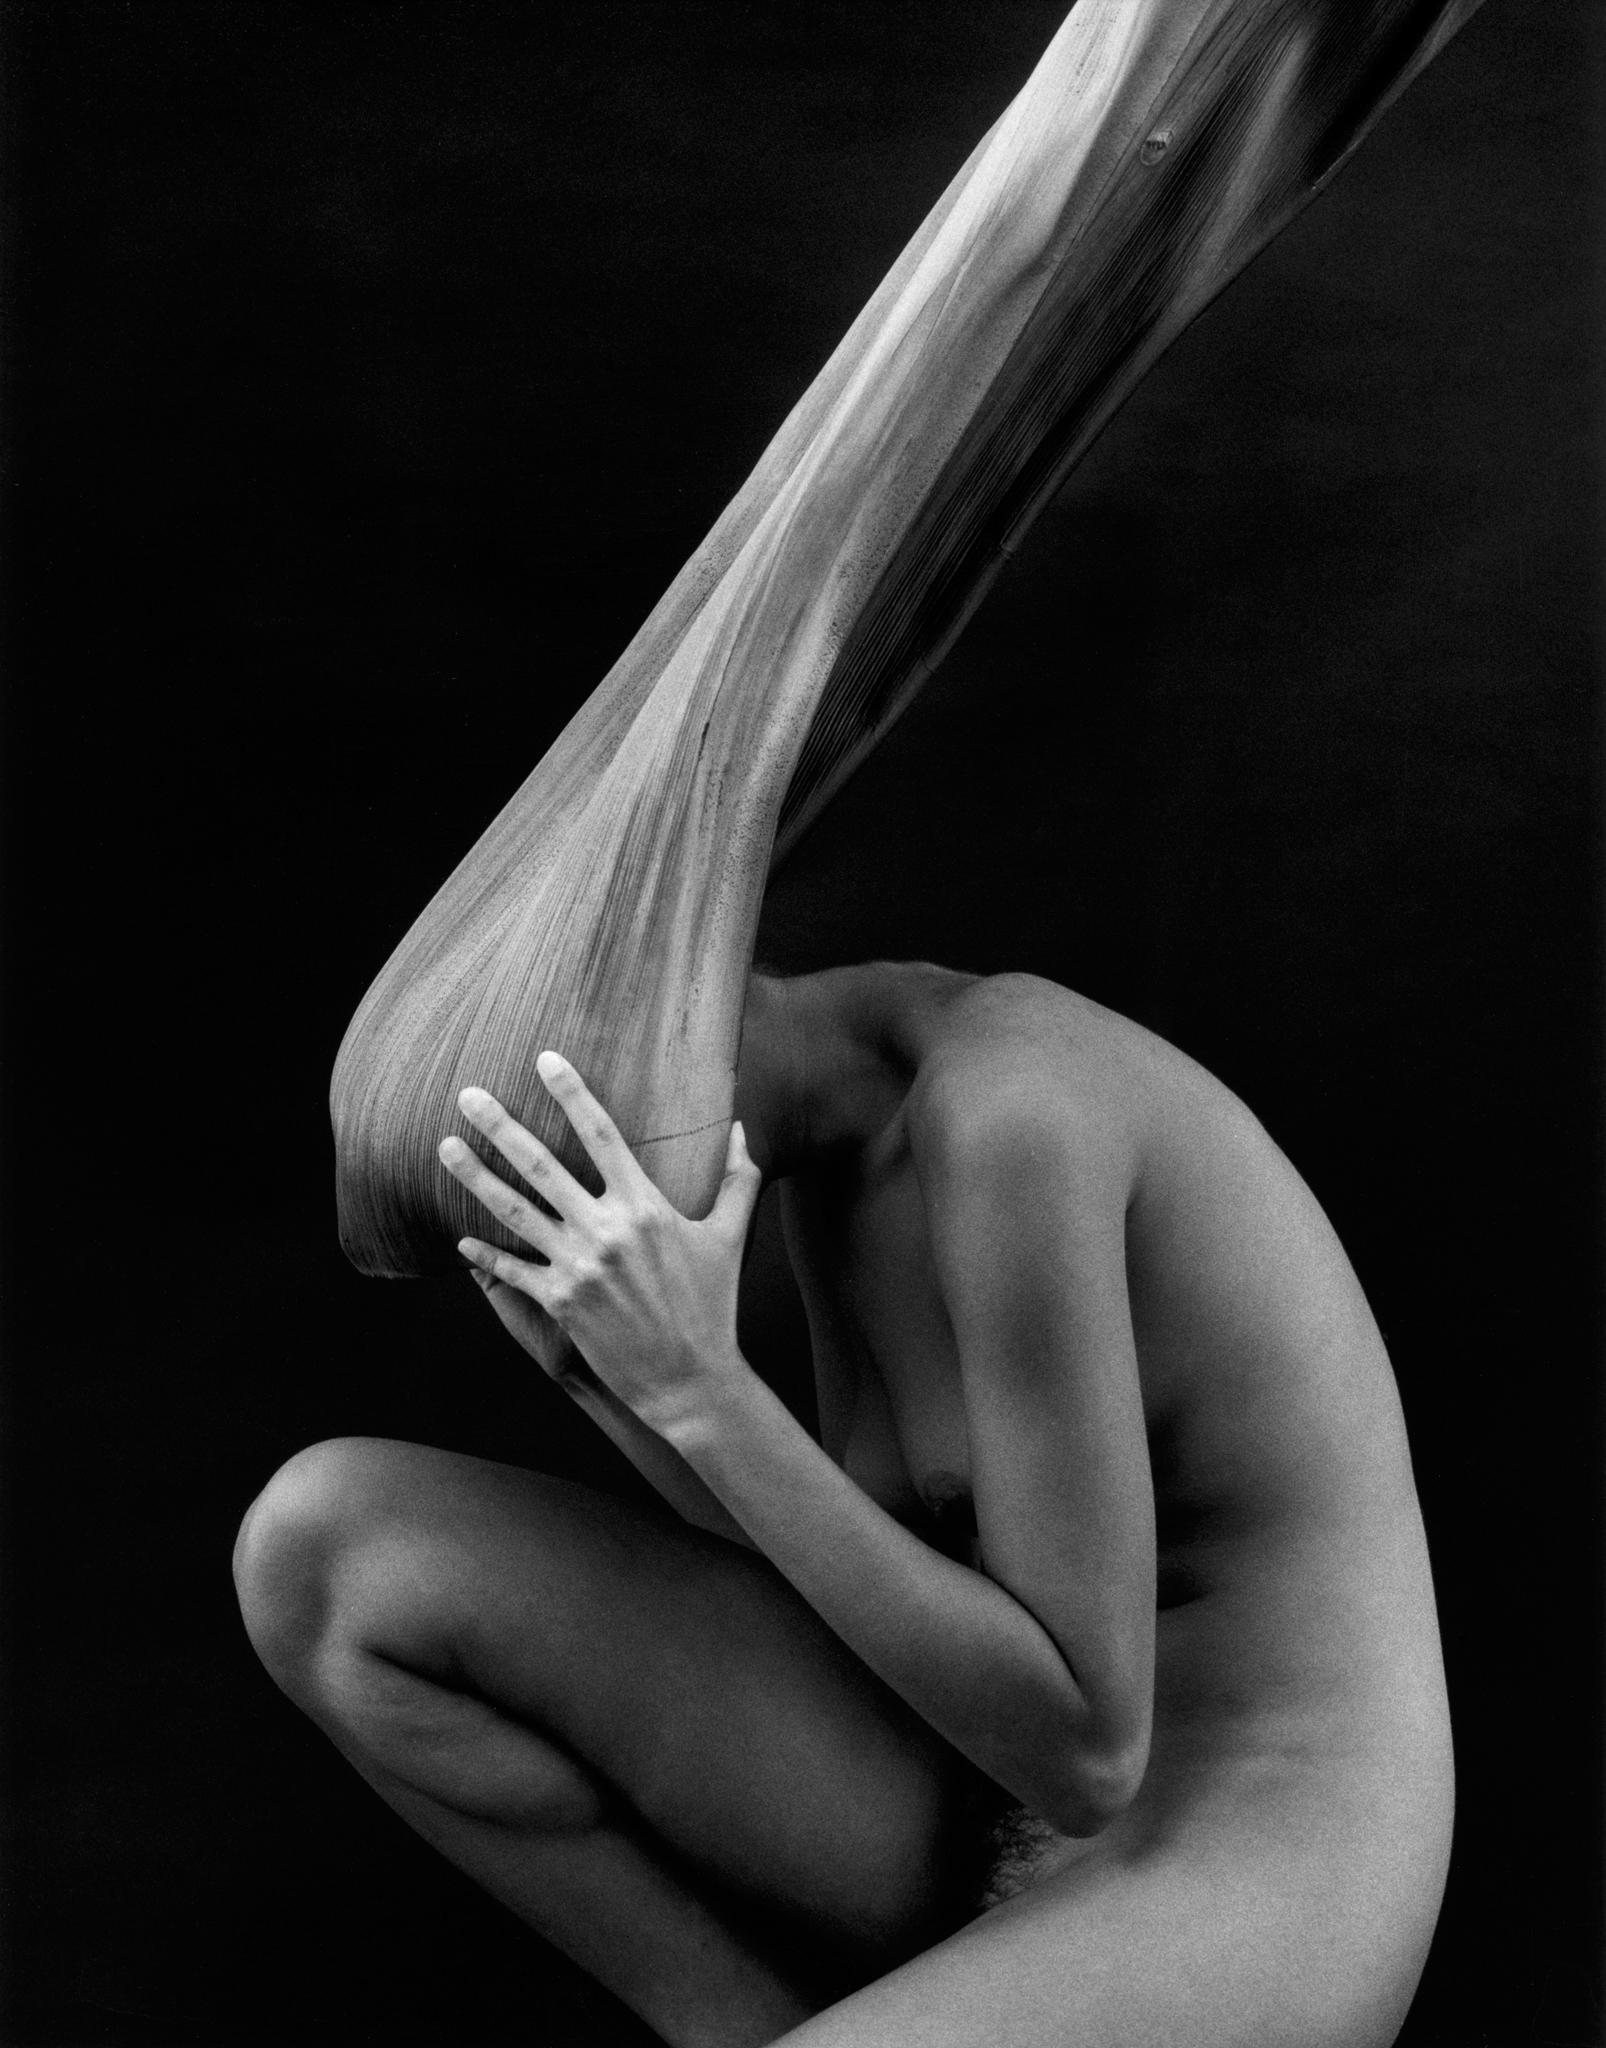 kim-weston-nude-and-palm-2009.jpg